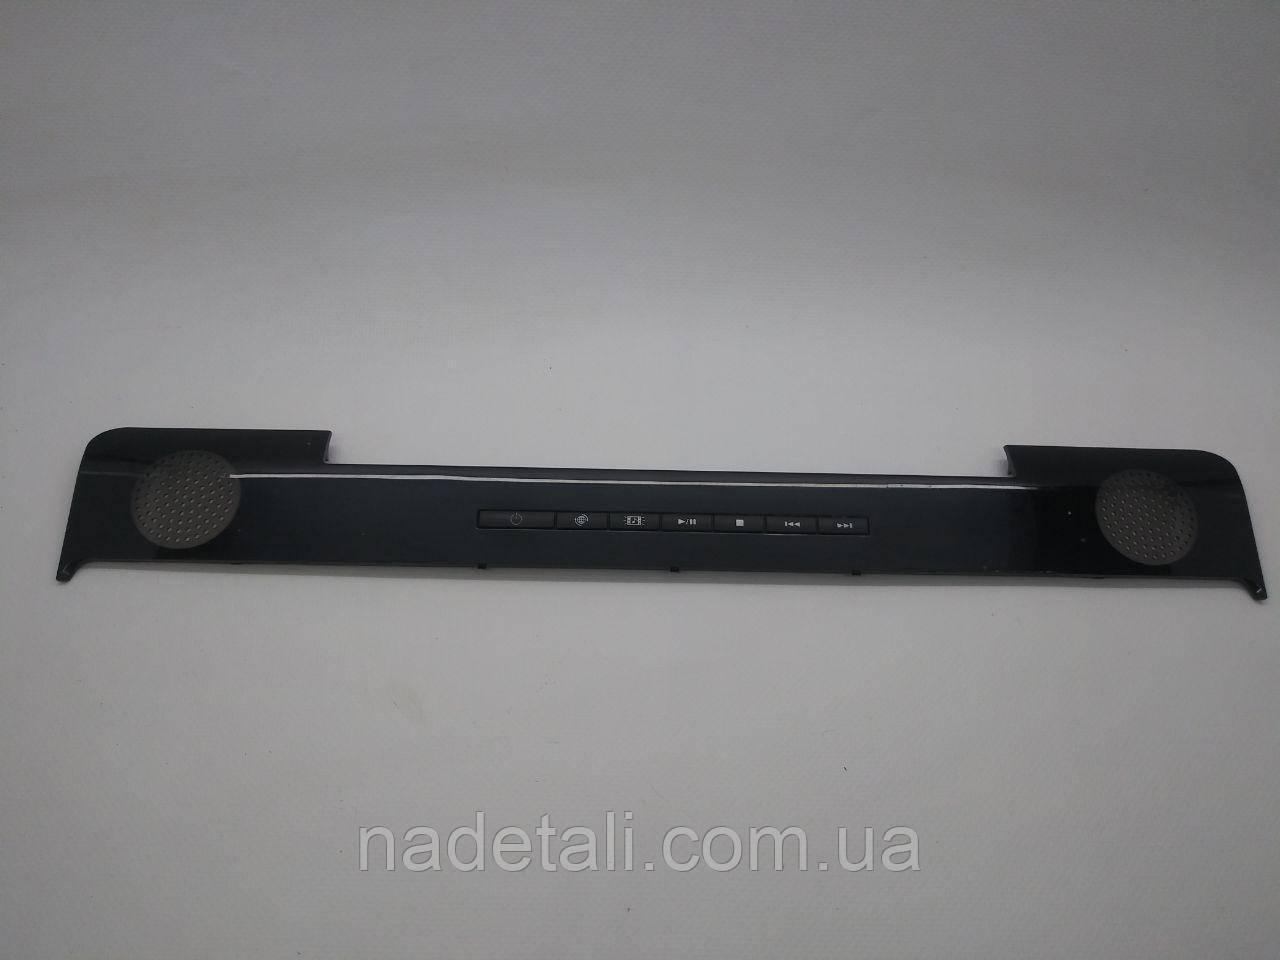 Панель корпуса Toshiba Satellite P200 AP017000510